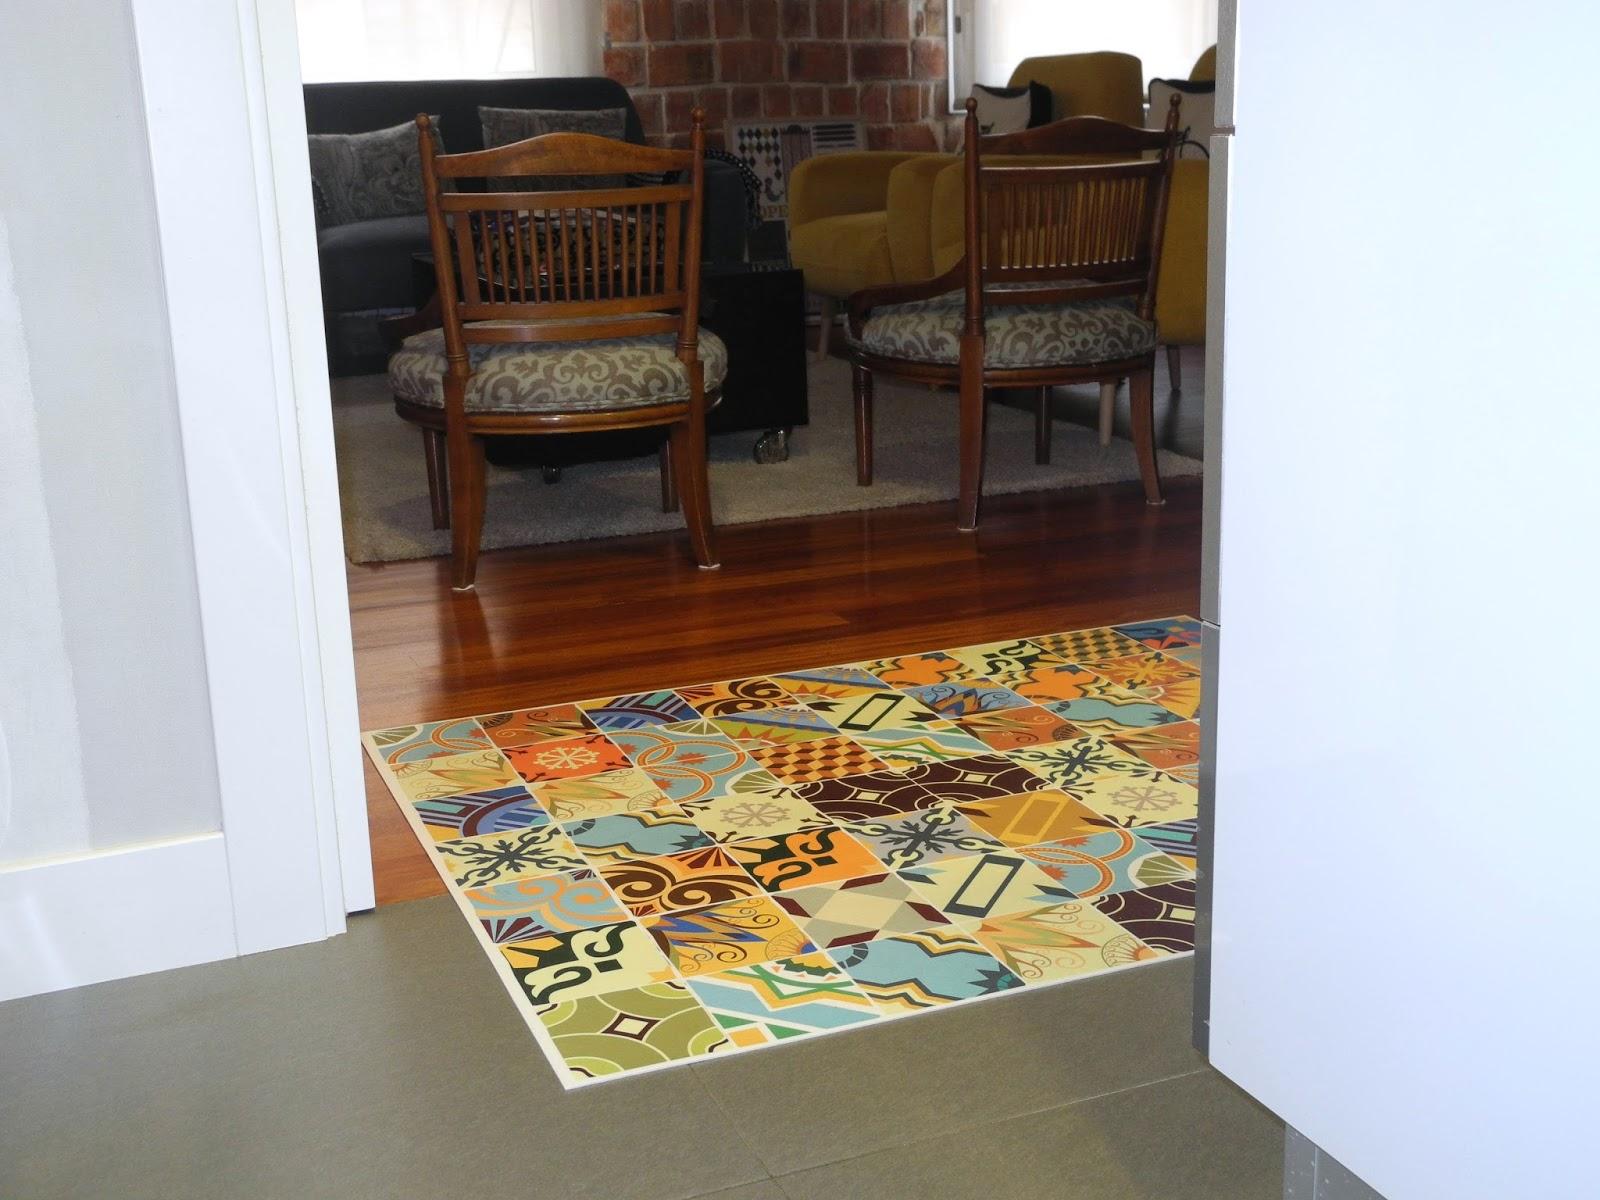 Naifandtastic decoraci n craft hecho a mano restauracion muebles casas peque as boda una - Alfombras vinilicas floorart ...